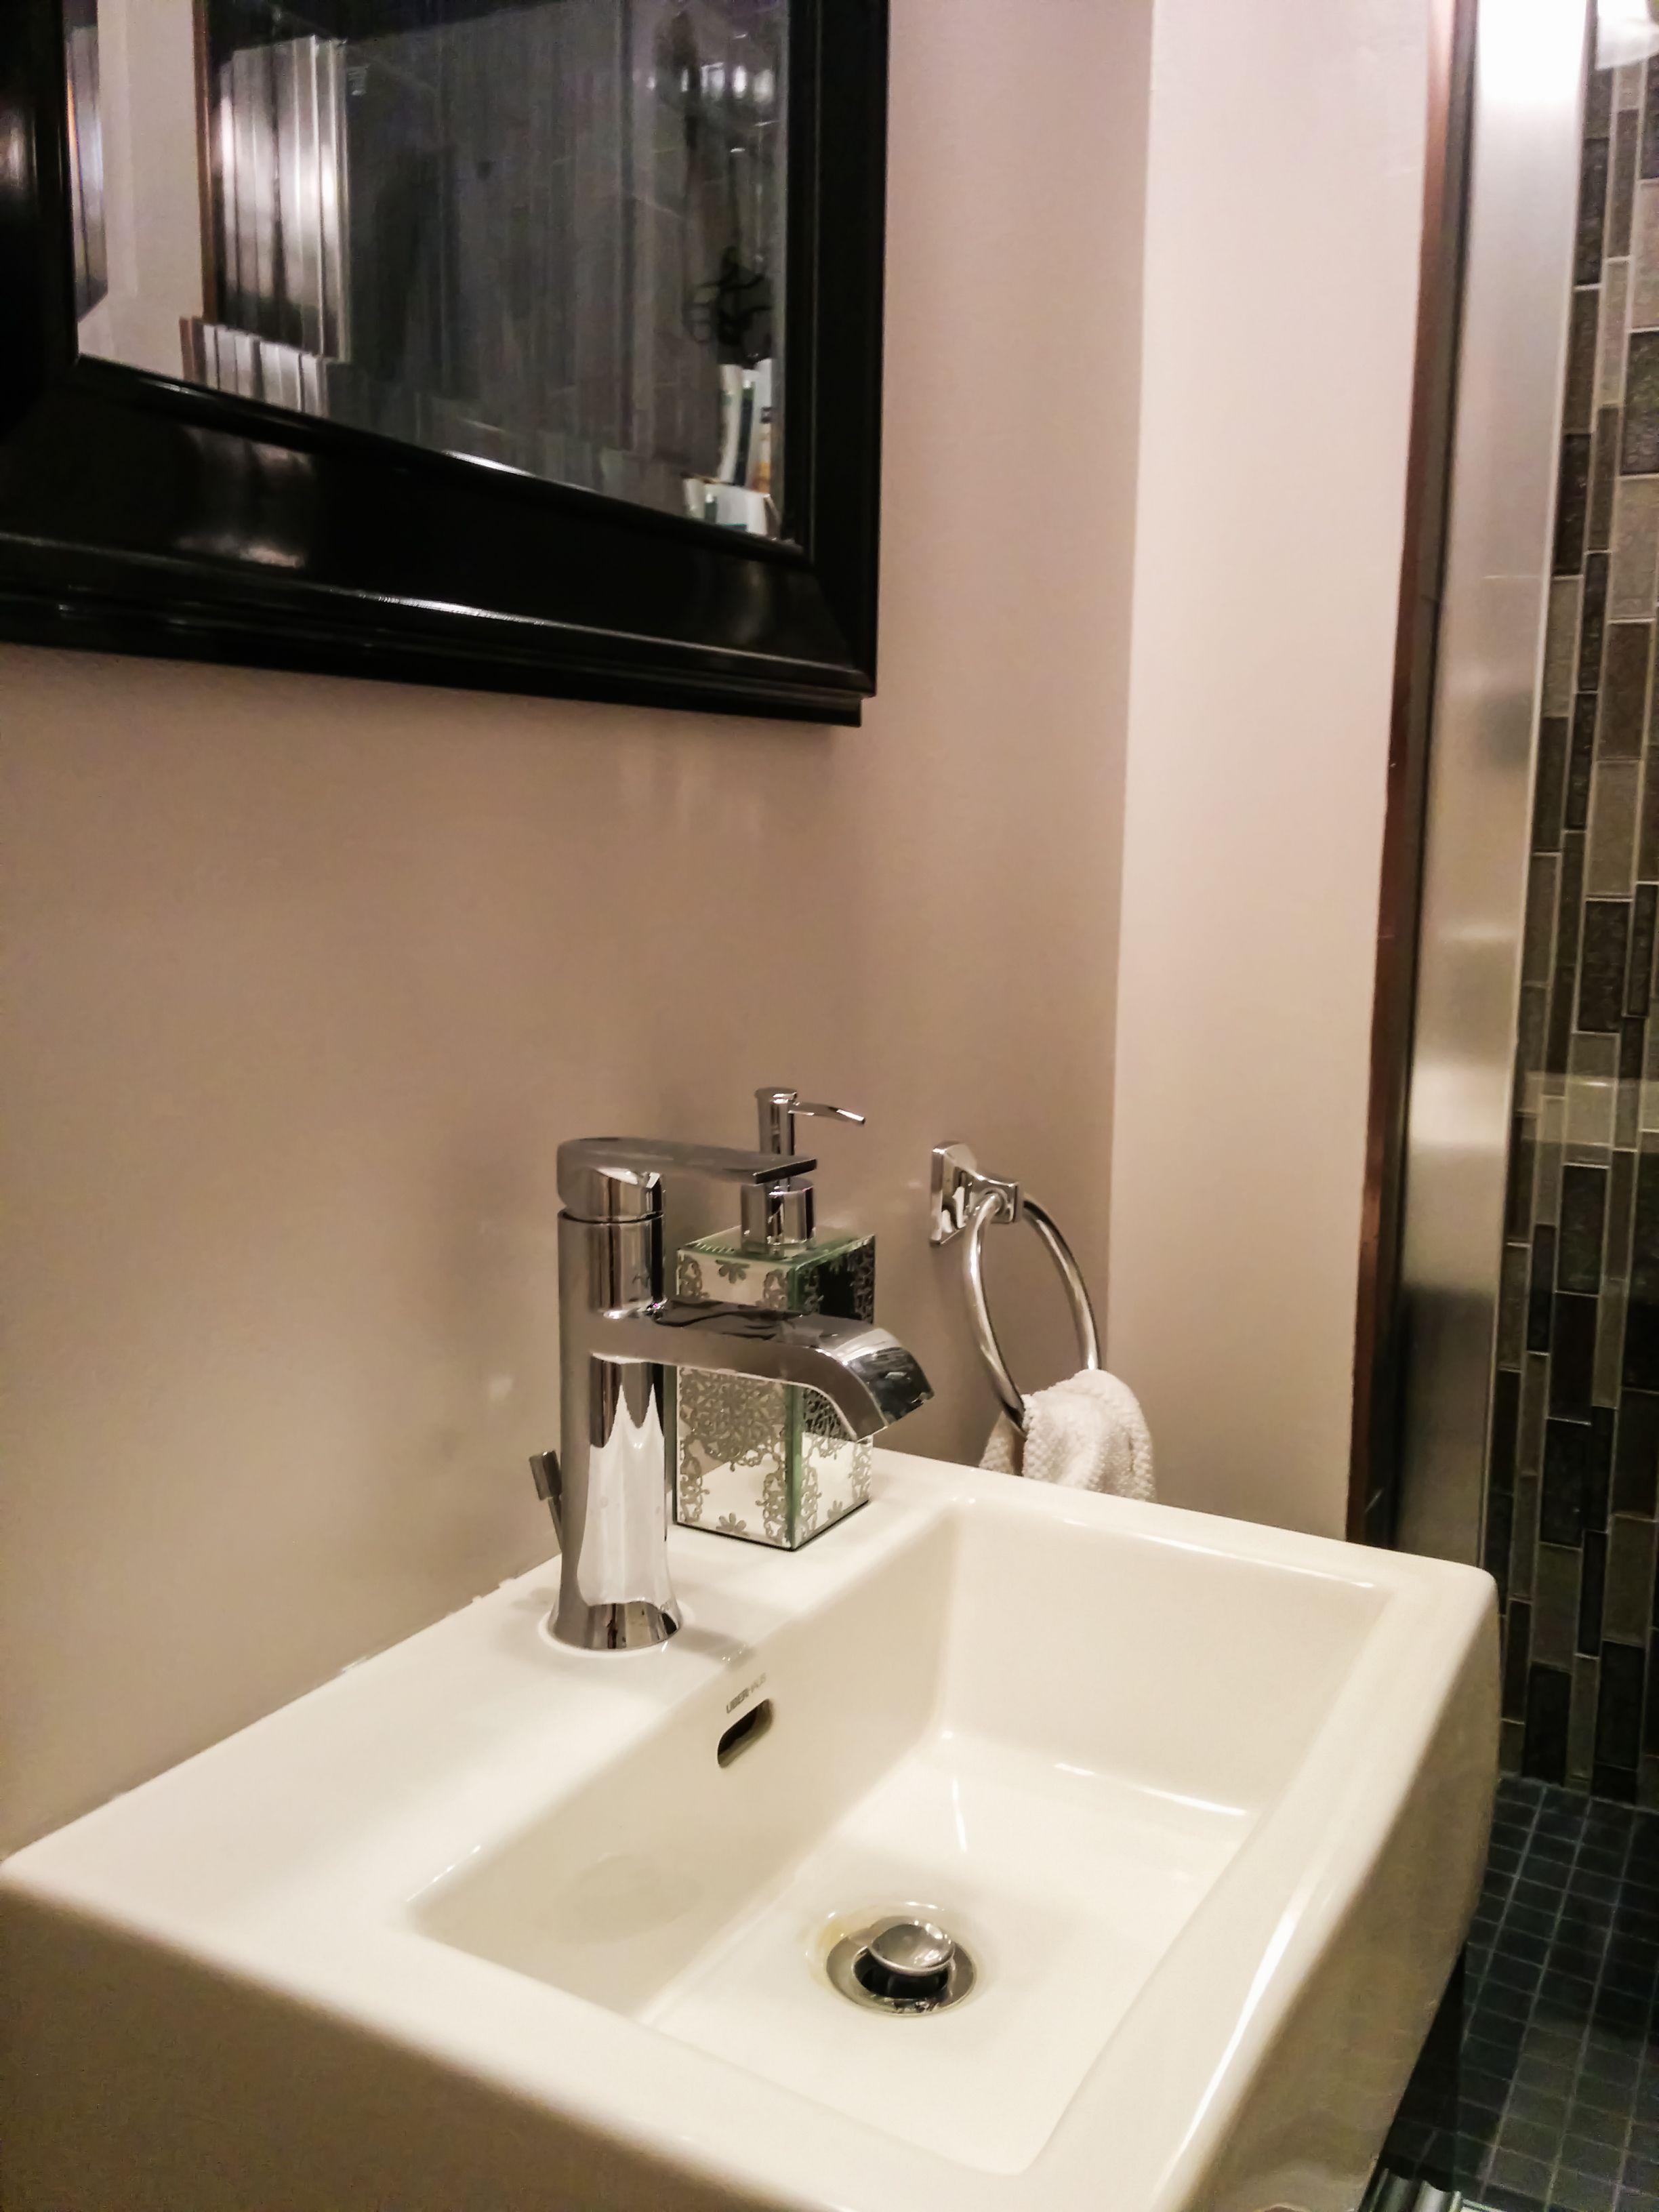 Bathroom remodeling in Toronto, ON, Canada by Bath Boys ...